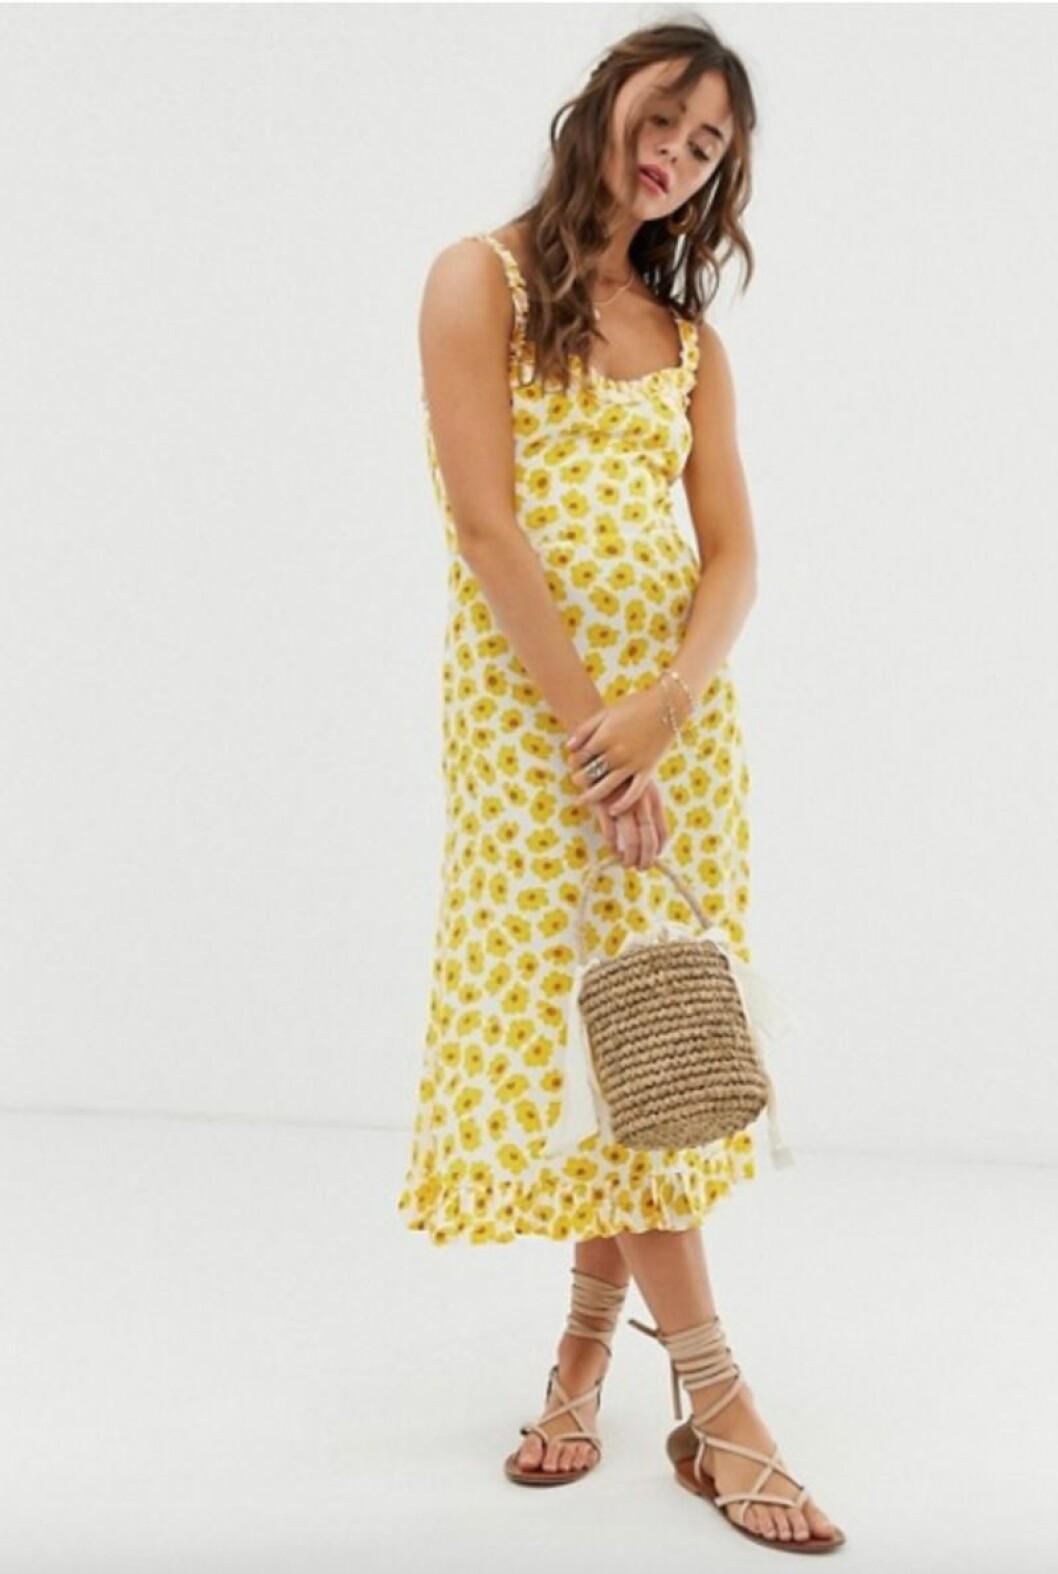 Blommig gul klänning